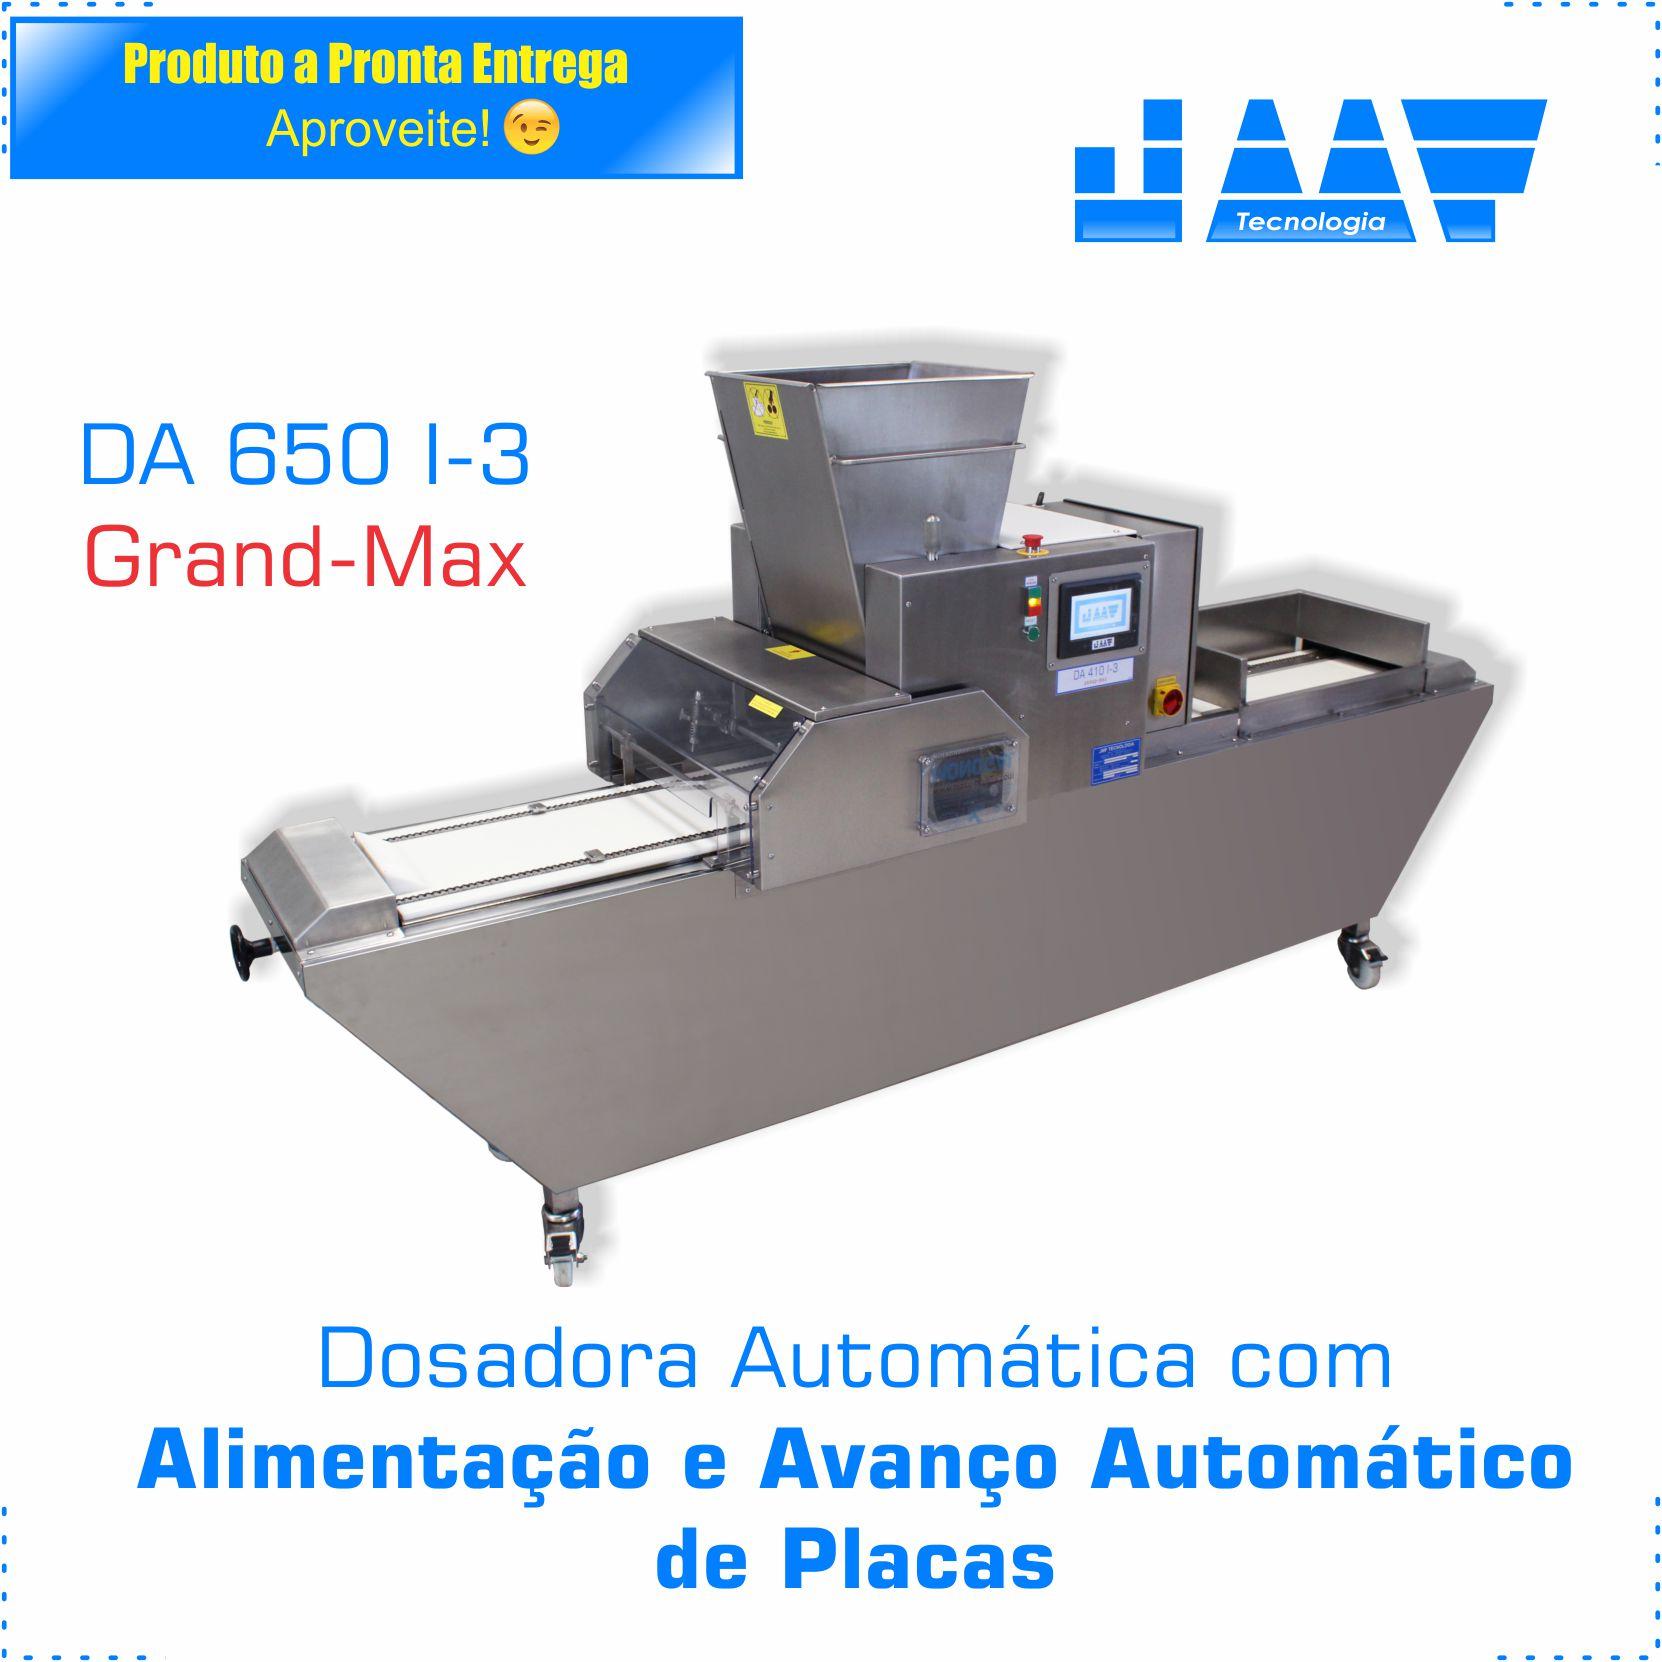 Dosadora Automática (DA 650 I-3 Grand-Max)